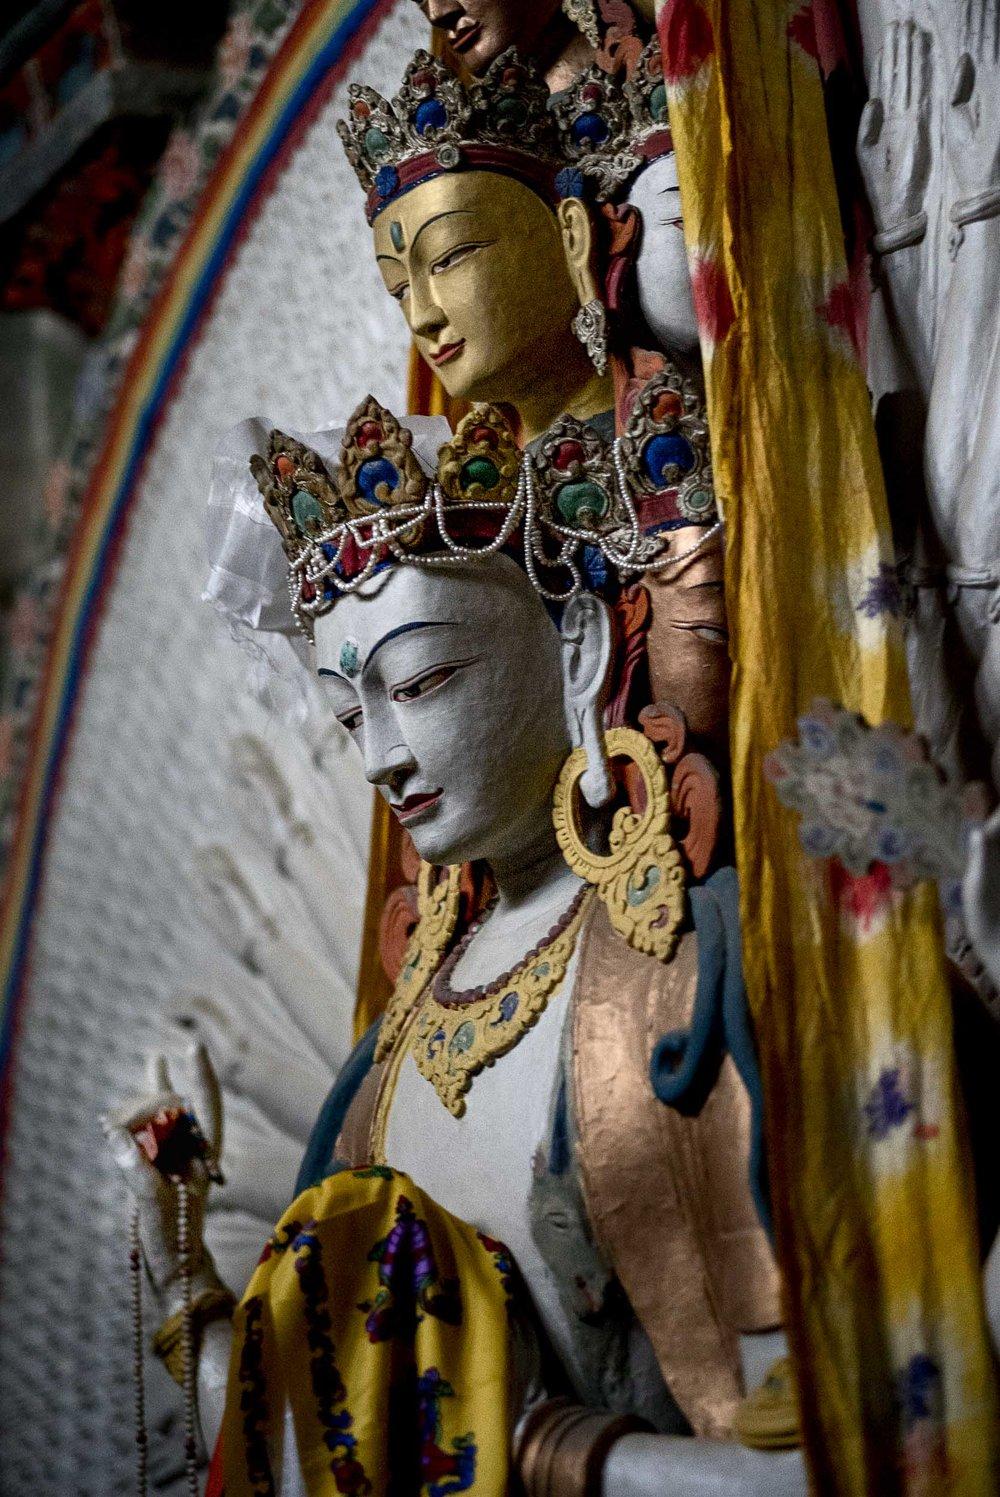 20140101_Ladakh_0866_RvK-Ed-20140101-.jpg